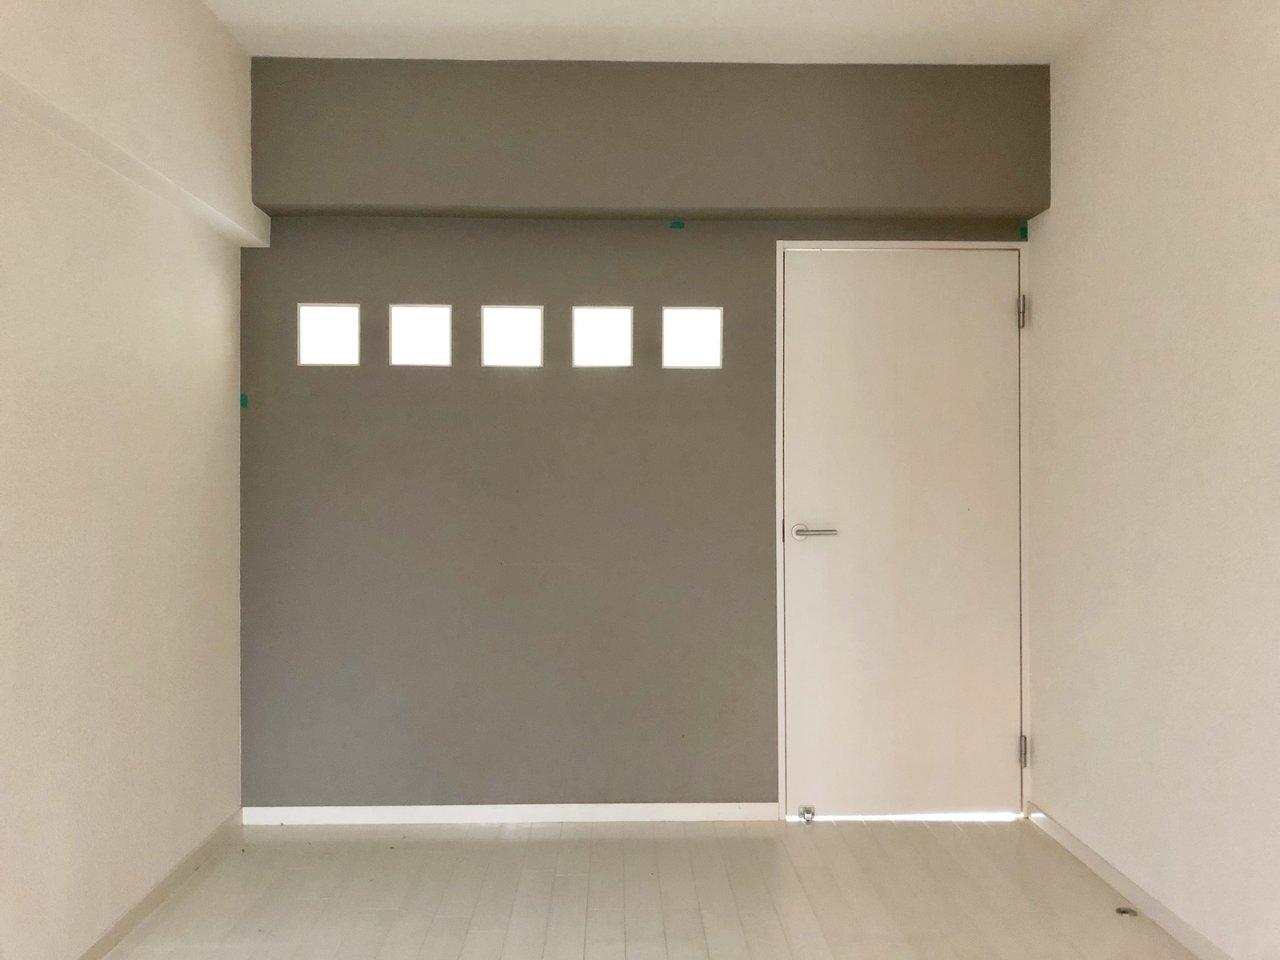 もう一部屋、ガラスブロックの小窓が可愛い寝室があります